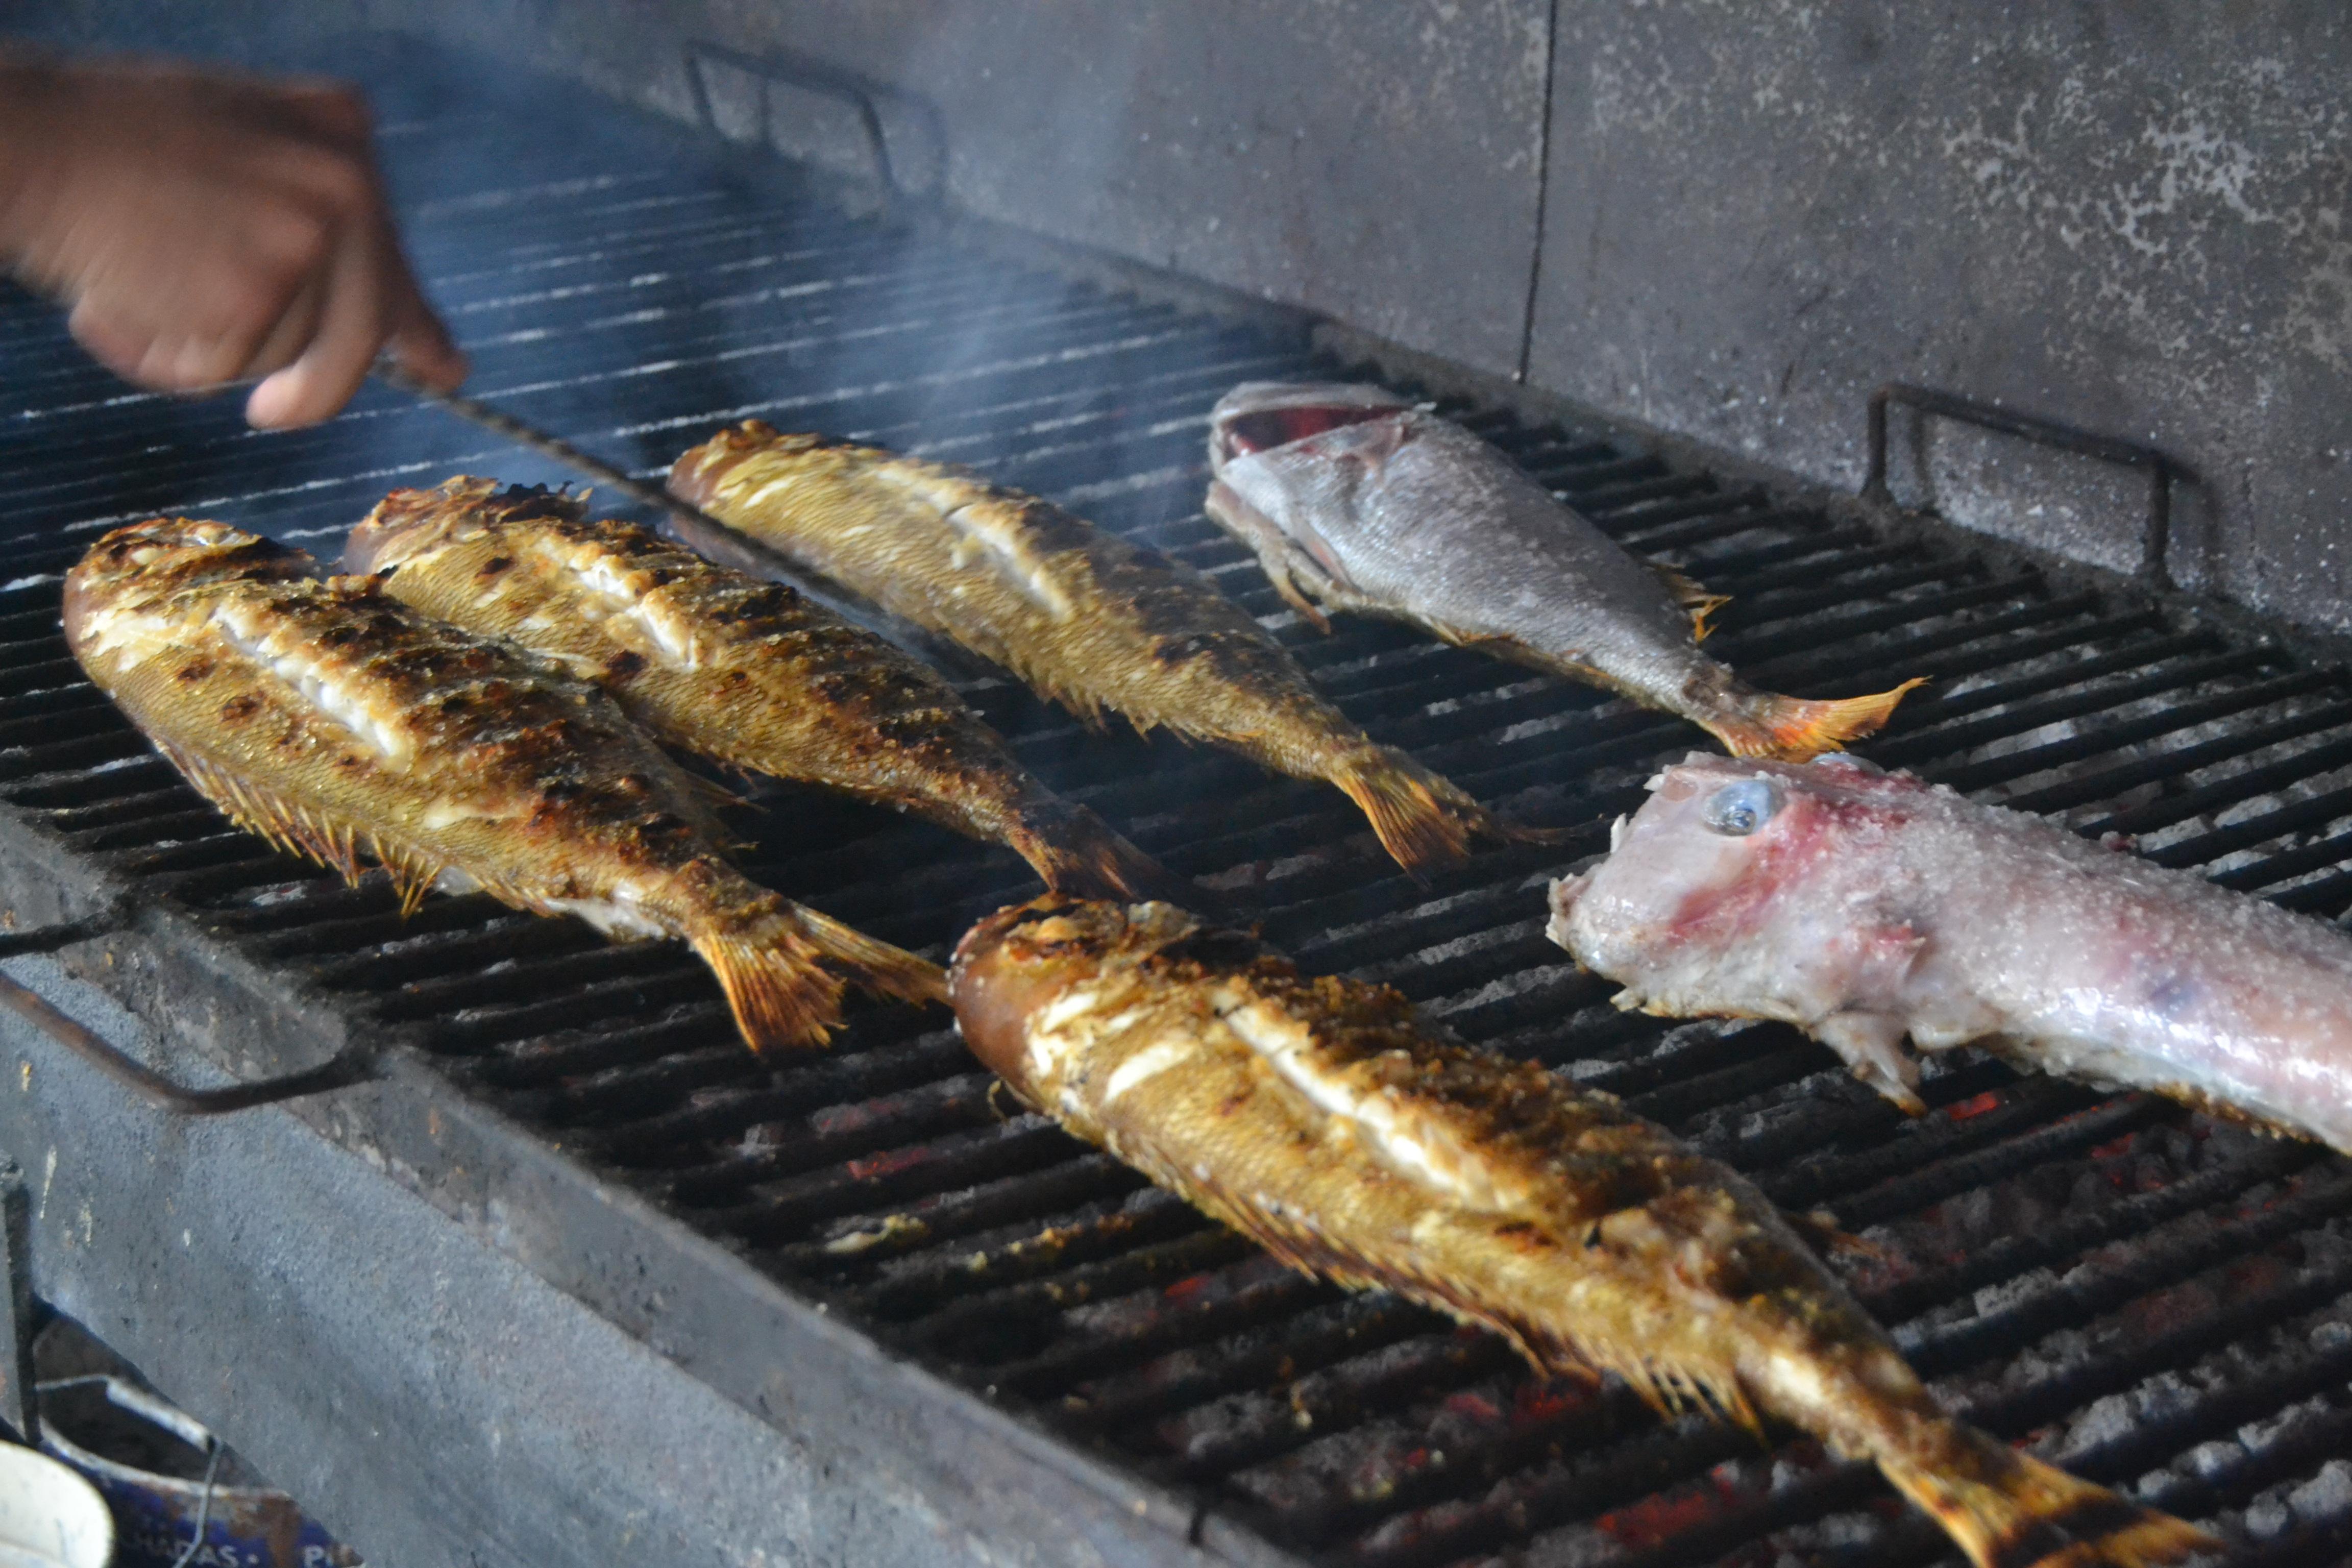 El arte de la parrilla en el bodeg n joxe mari de orio - Parrillas para pescado ...